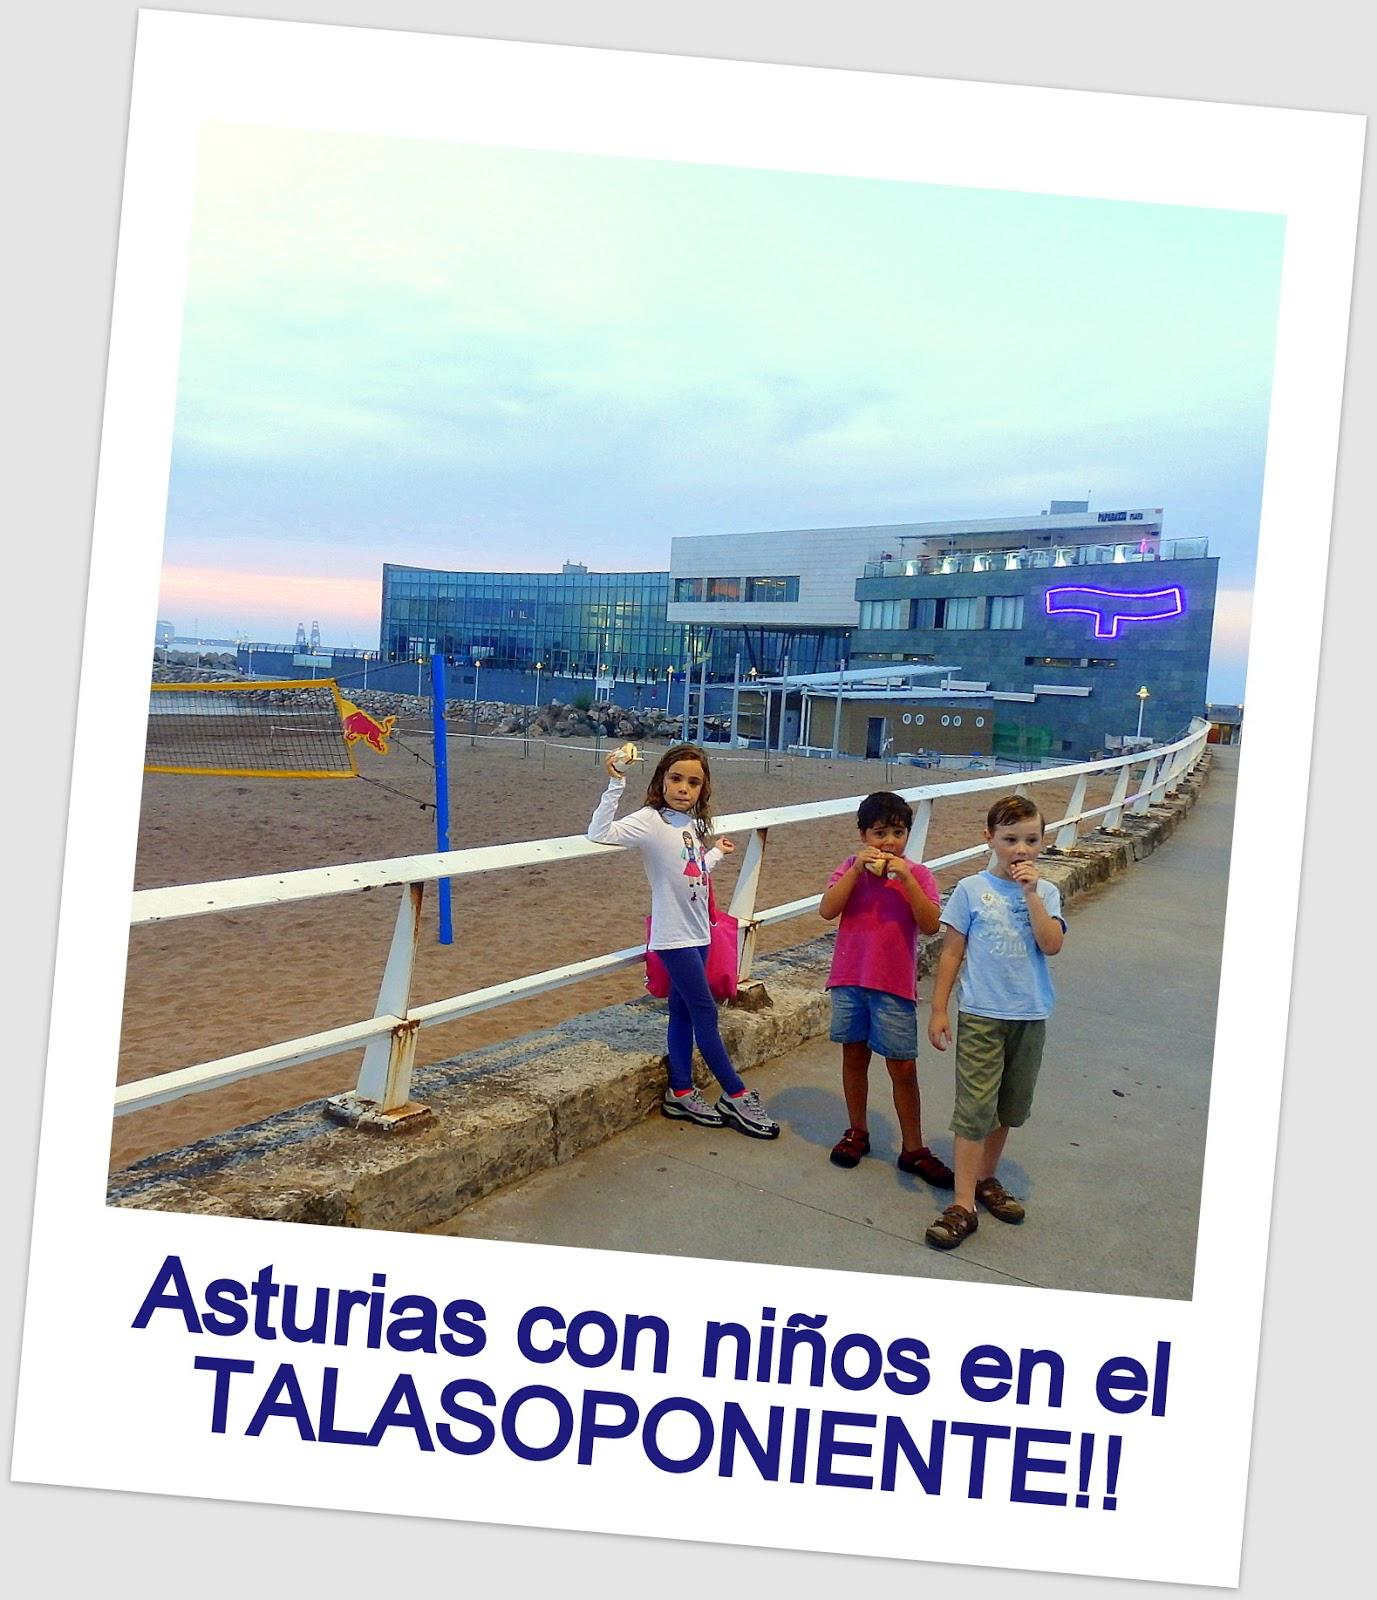 Asturias con niños: Talasoponiente: zona lúdica para niños durante todo el año